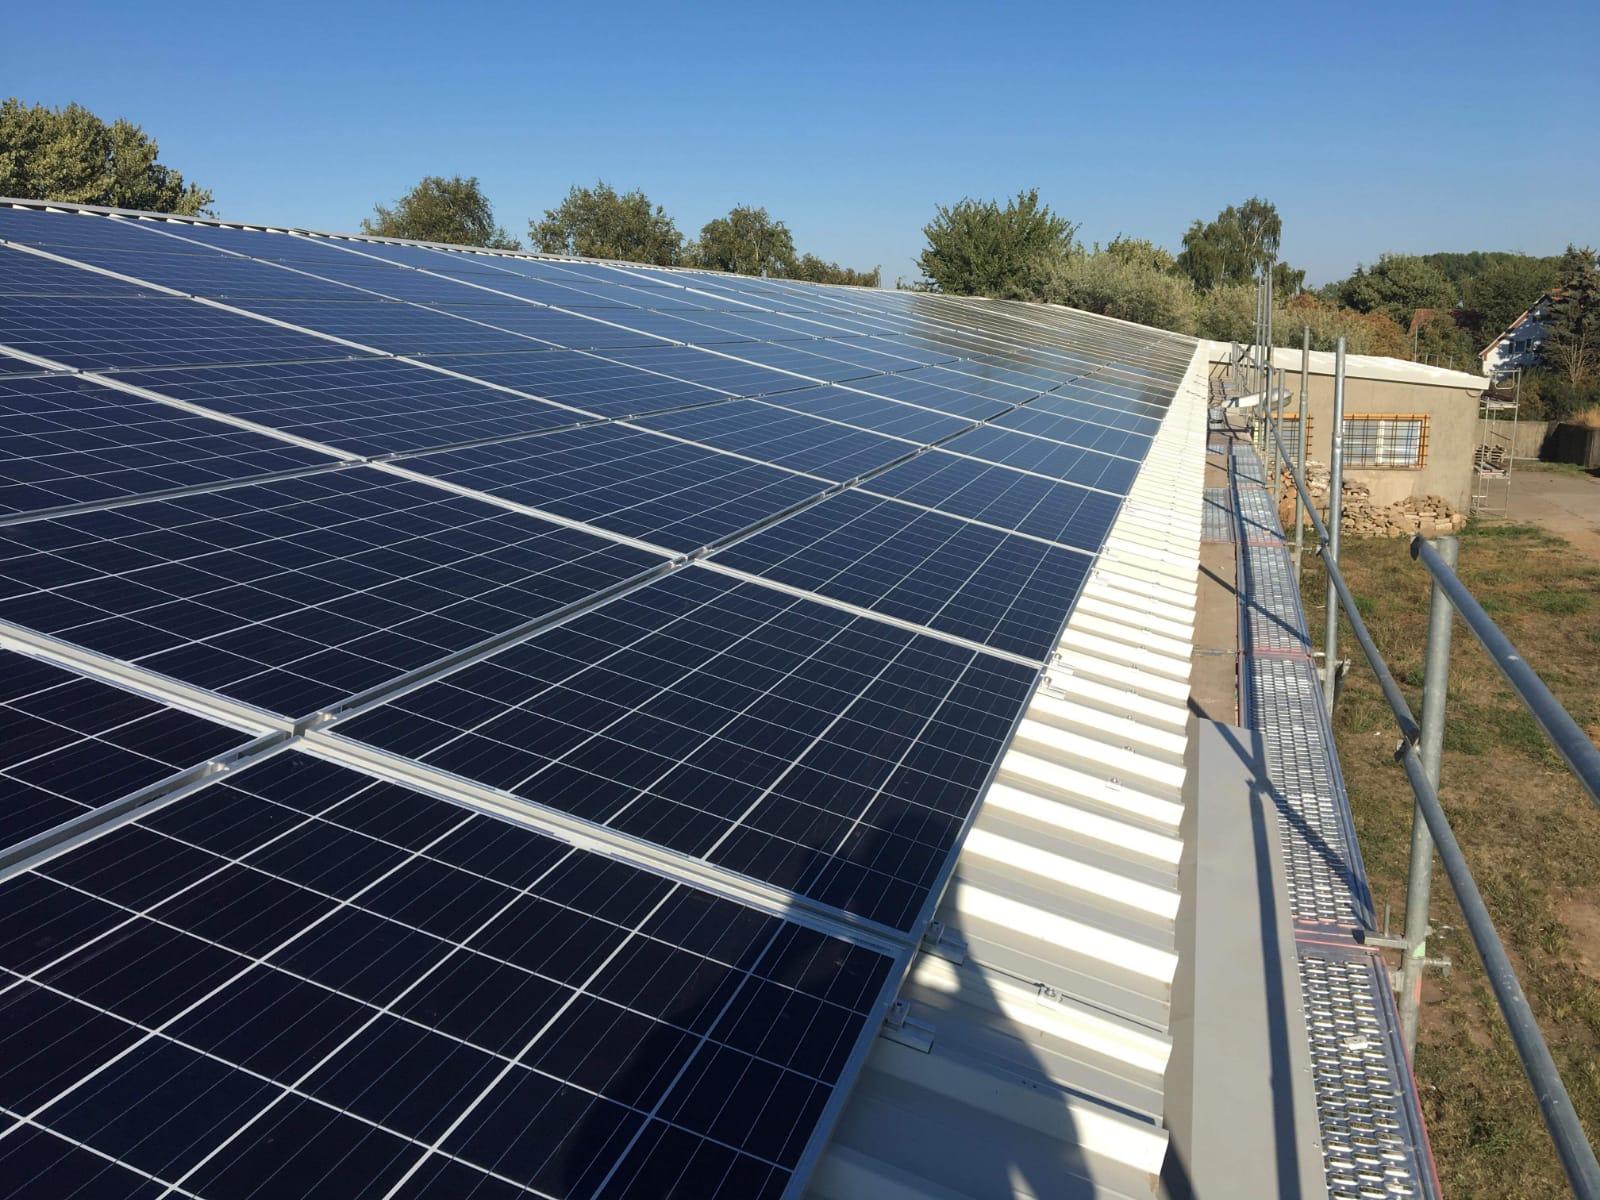 Projektierung bereits gestartet: GreenRock Energy AG ab August 2019 auch in Italien aktiv